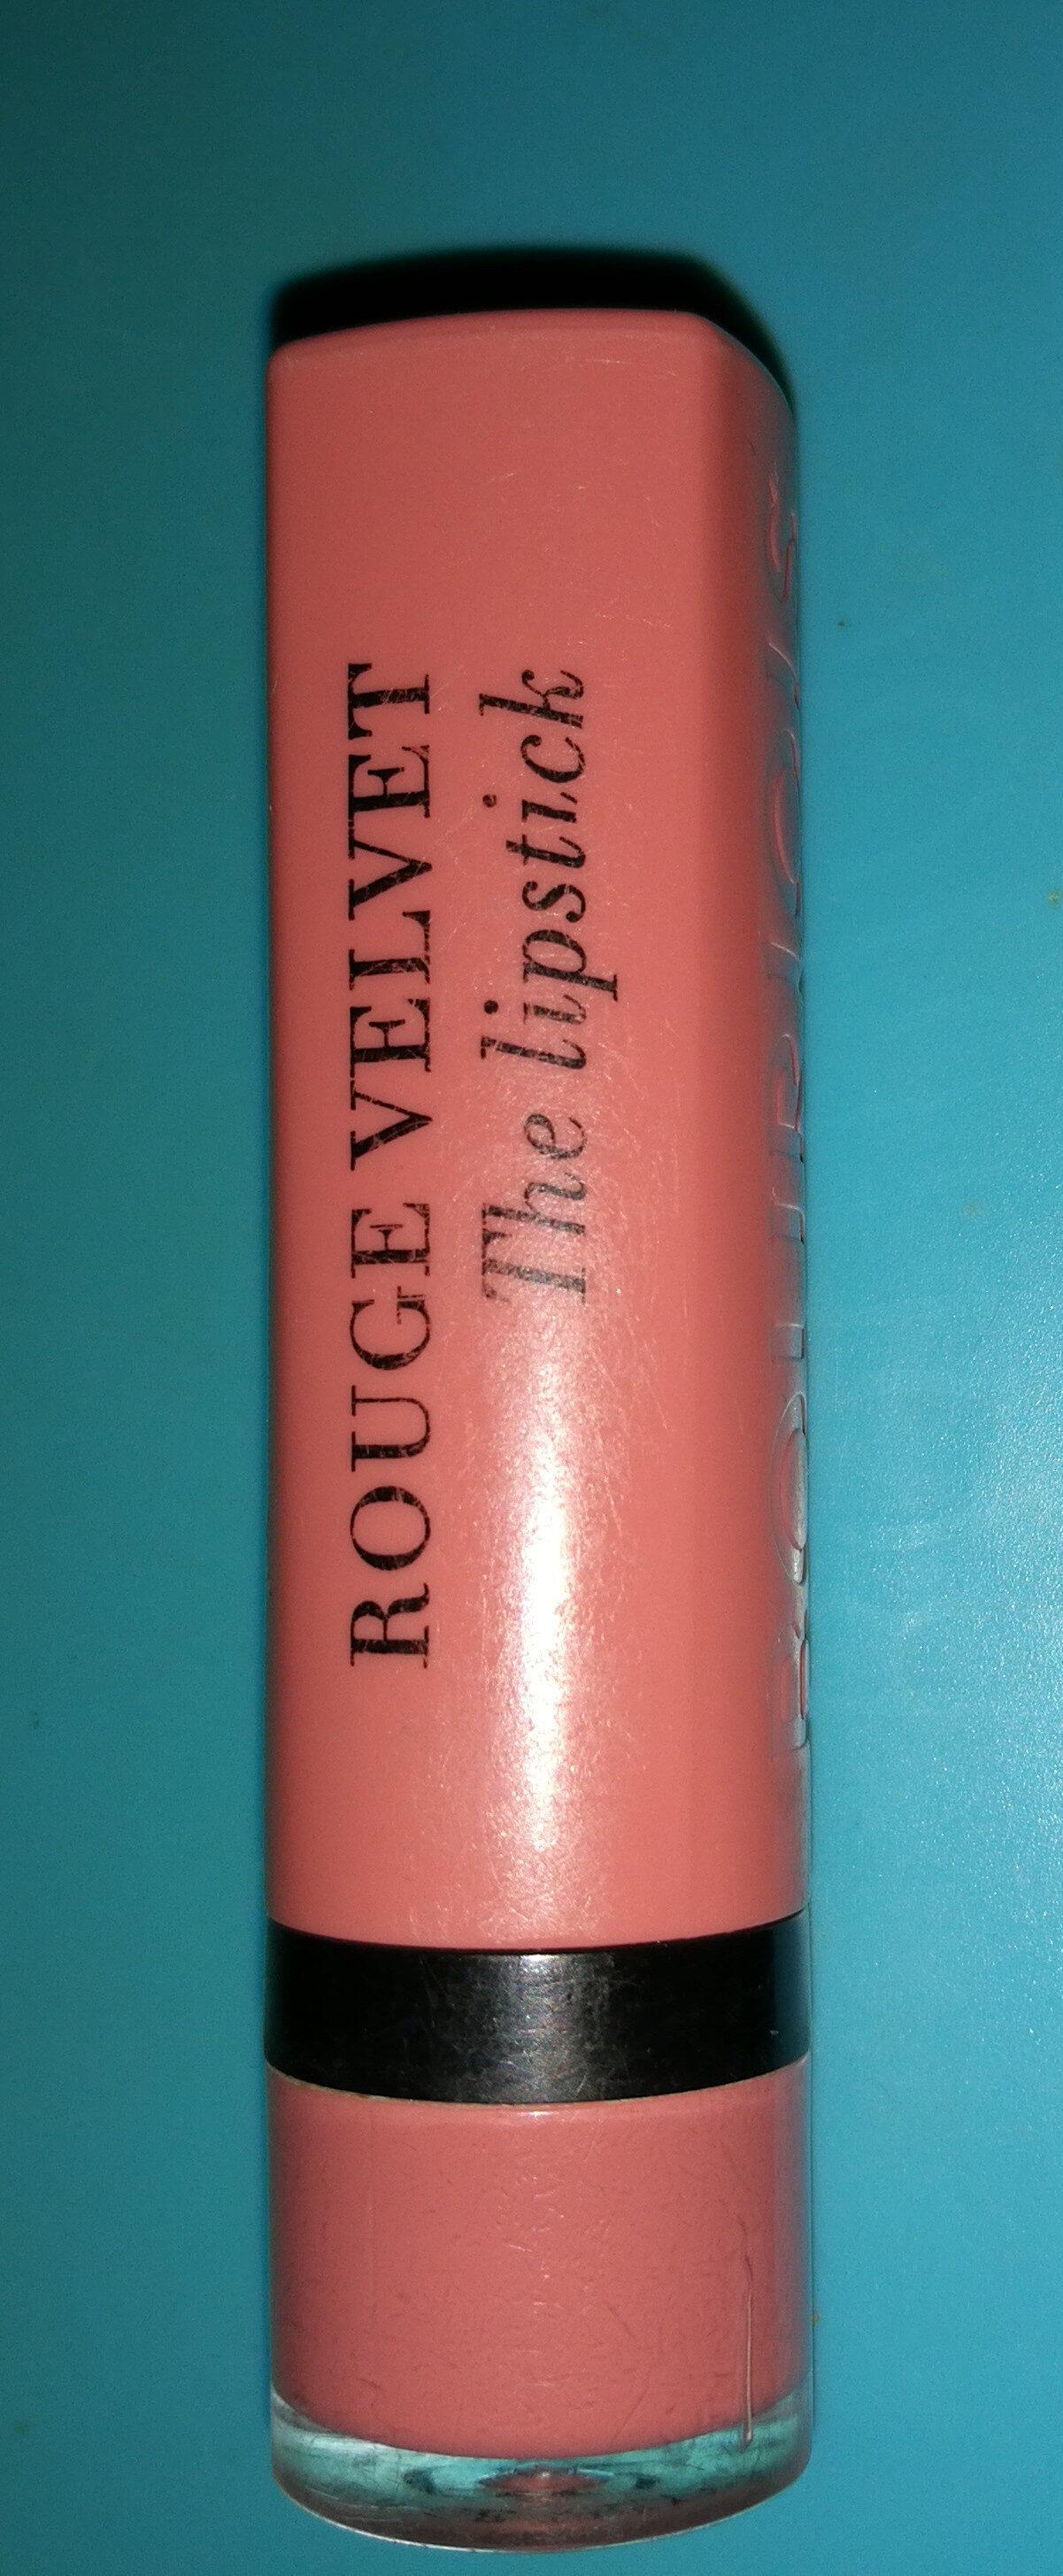 rouge velvet - Product - fr